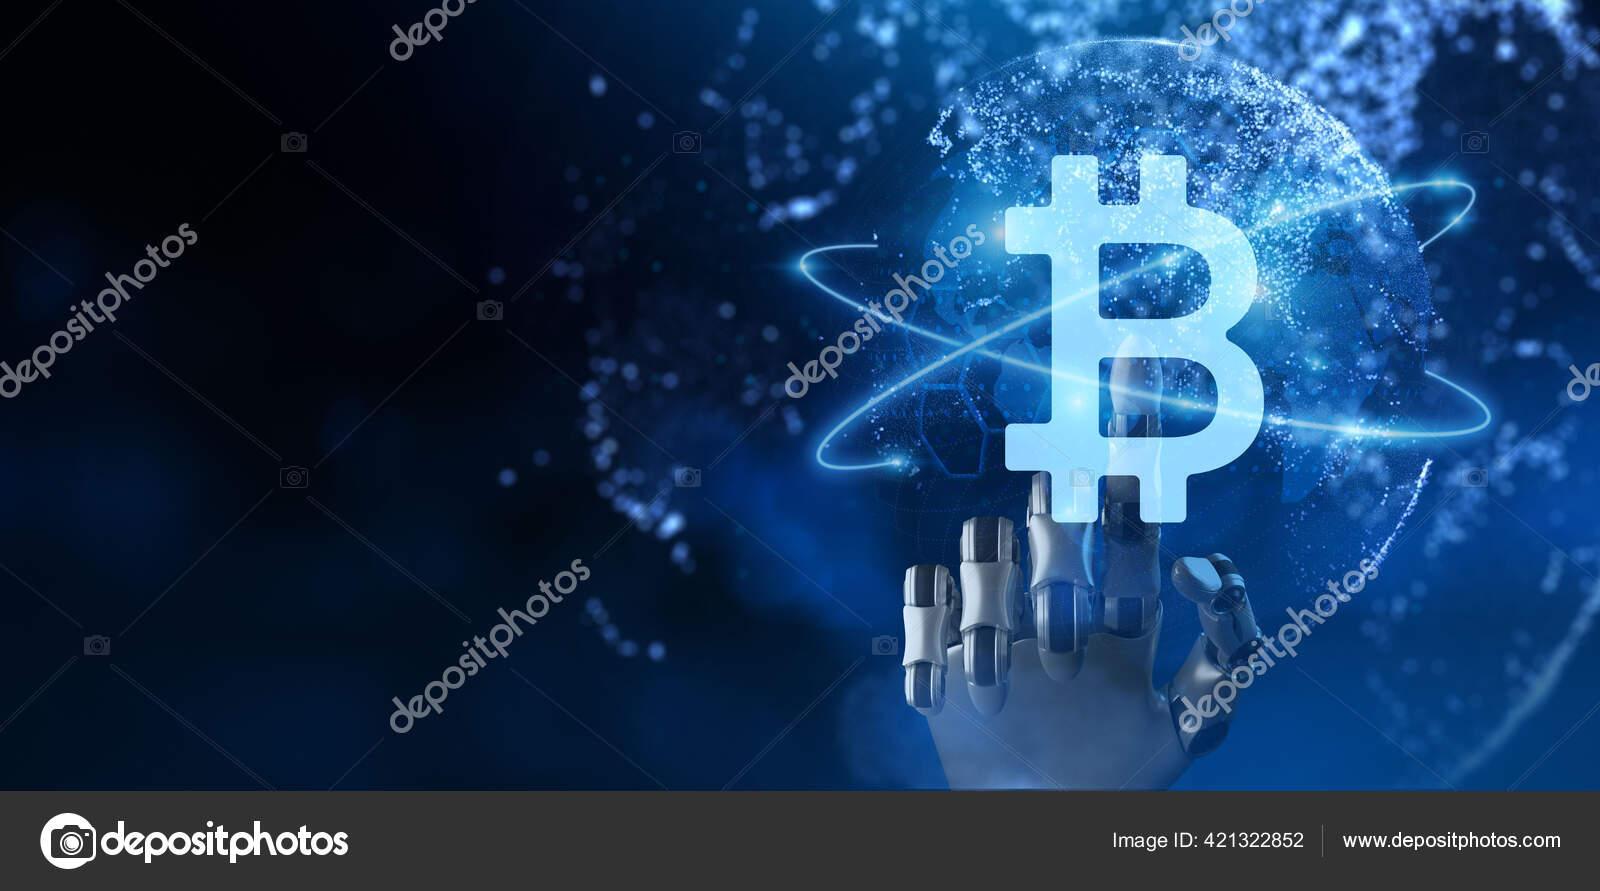 negociação de criptomoeda digital um comerciante de 43 anos que fala sobre bitcoin